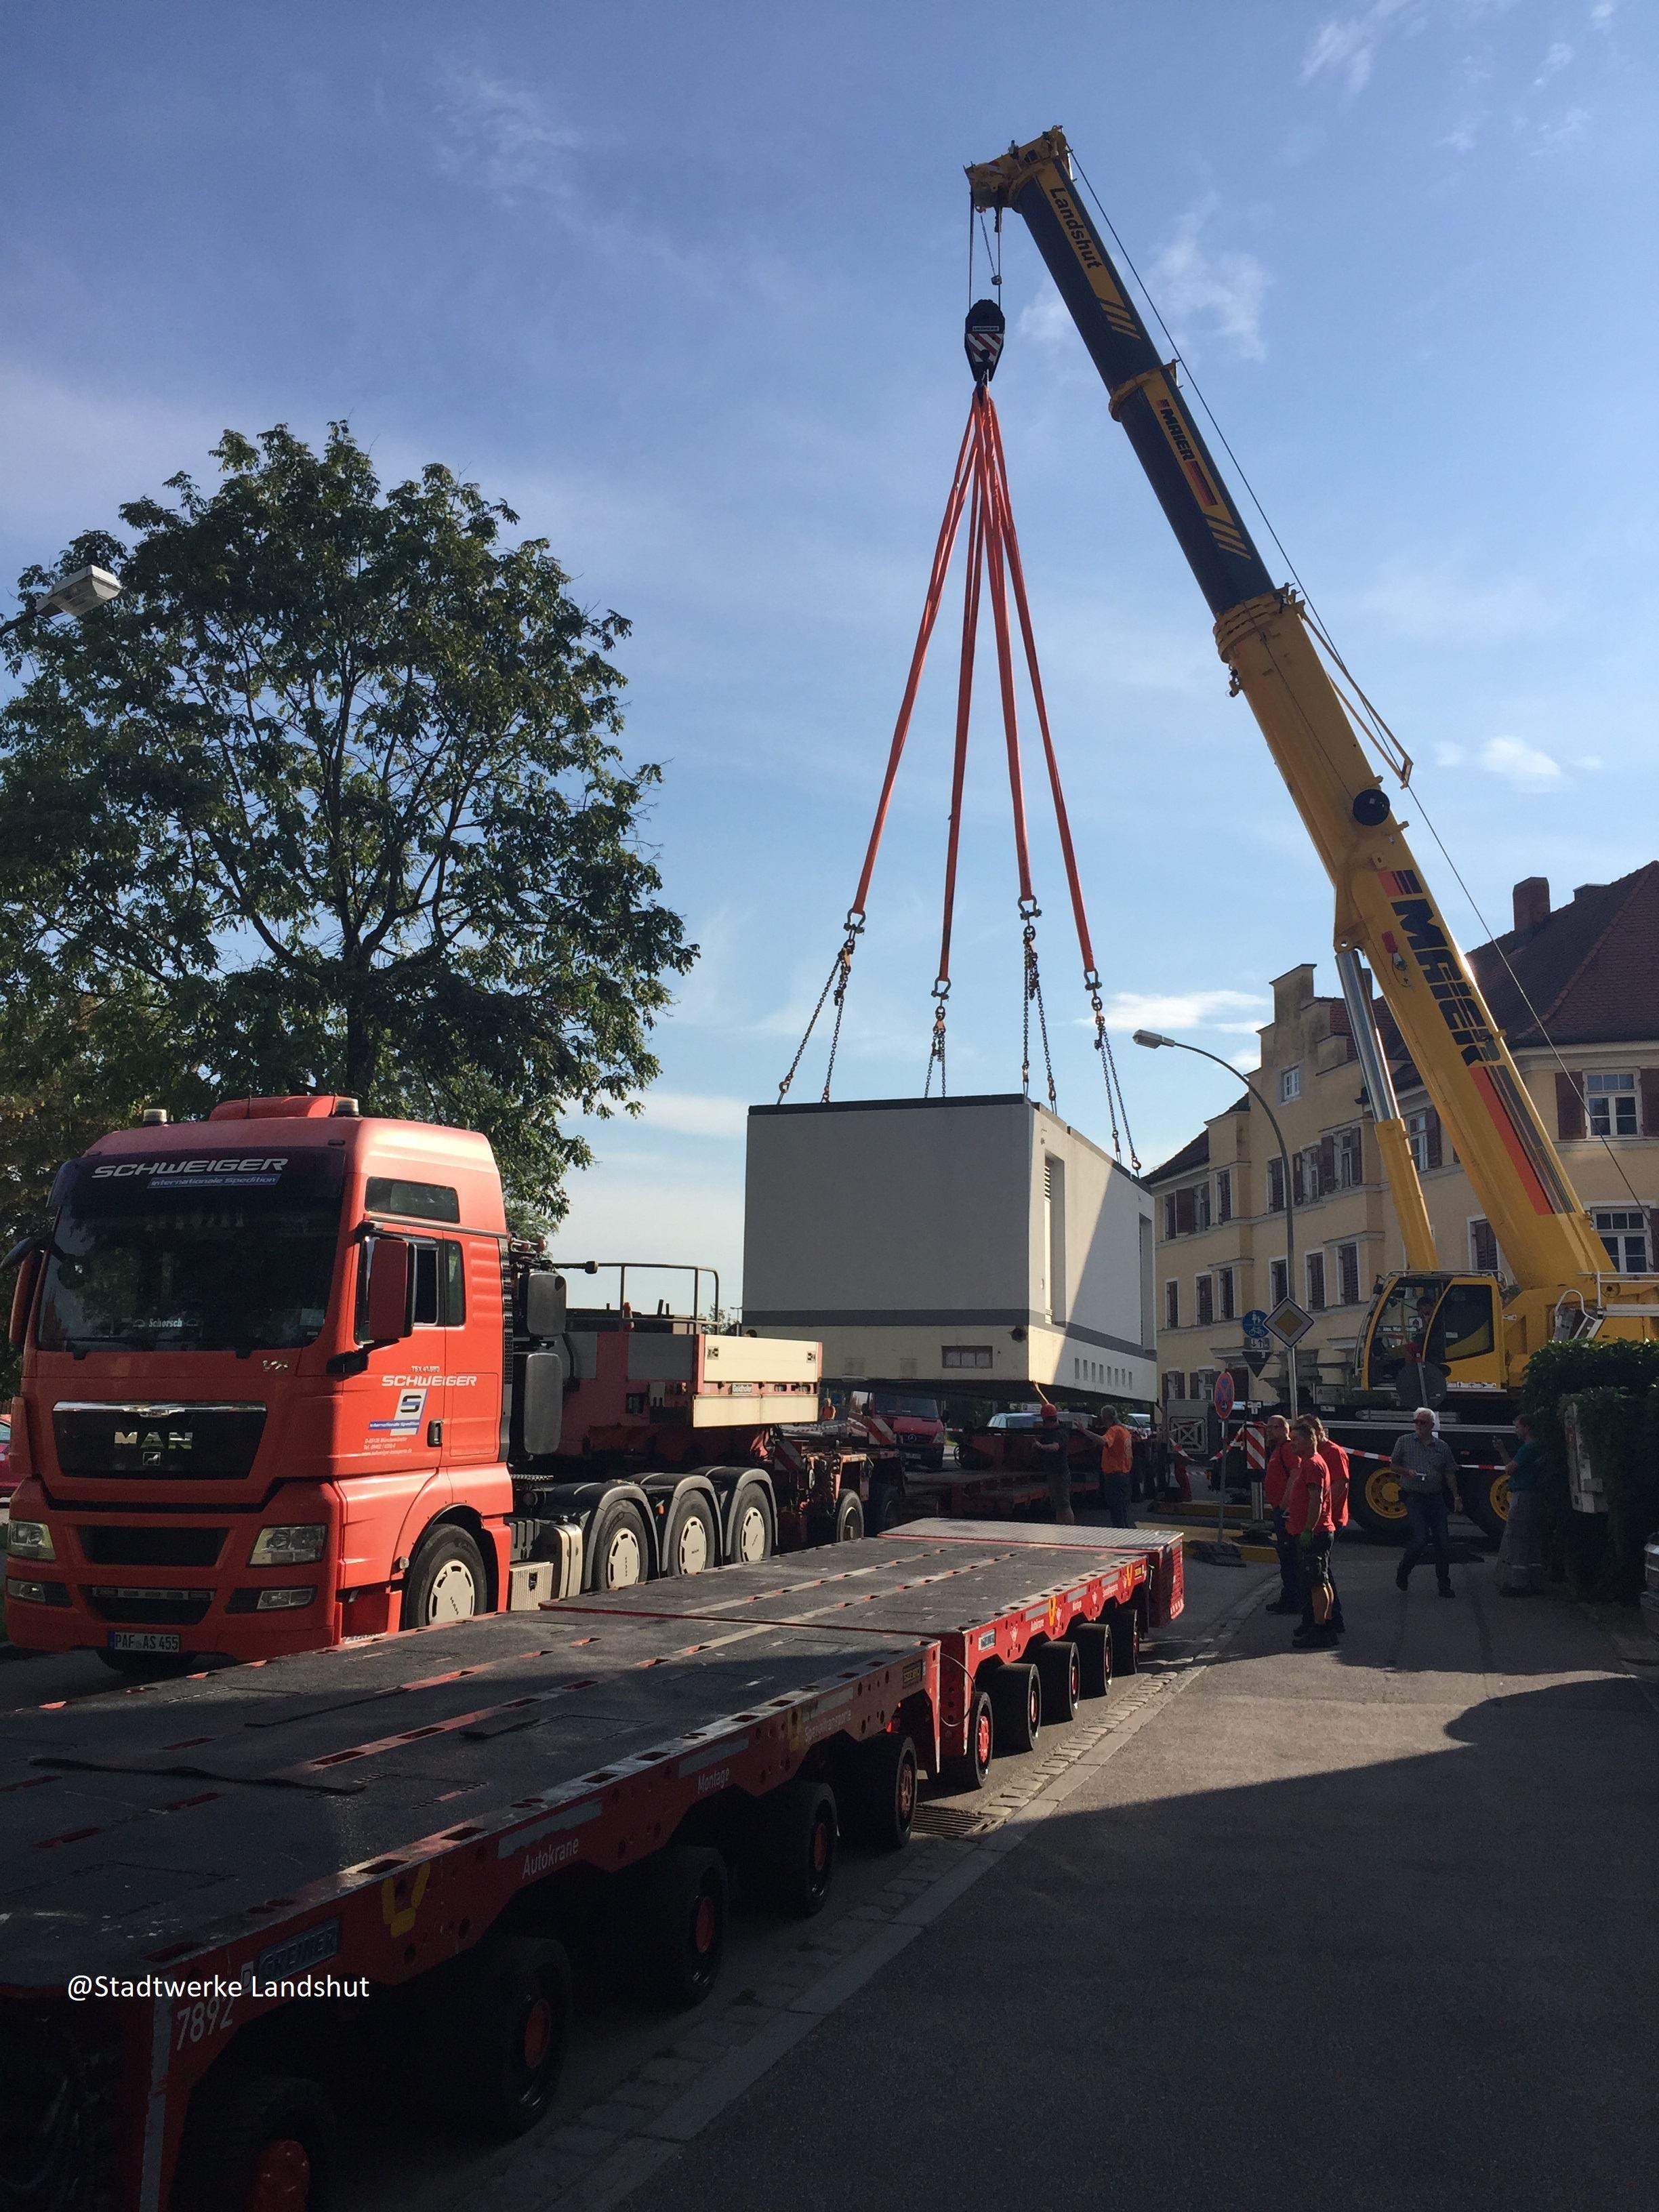 73to Trafostation wird vom Tieflader auf einen Selbstfahrer (SPMT) umgehoben. @Stadtwerke Landshut, @Kran-Maier Landshut